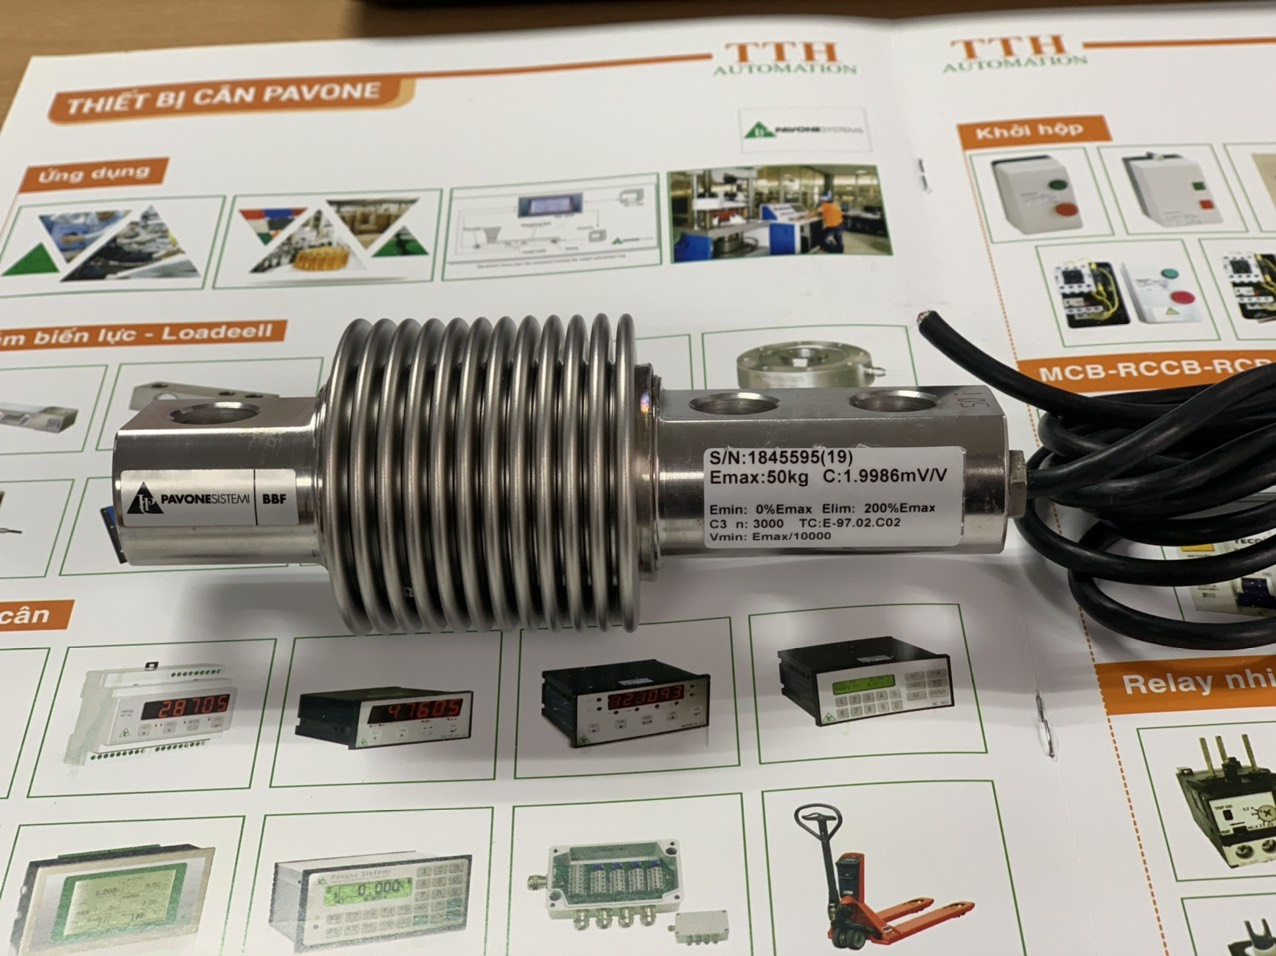 Loadcell chống rung BBF nhập khẩu chính hãng Pavone - Italy. Giá Đại Lý : 0915322692